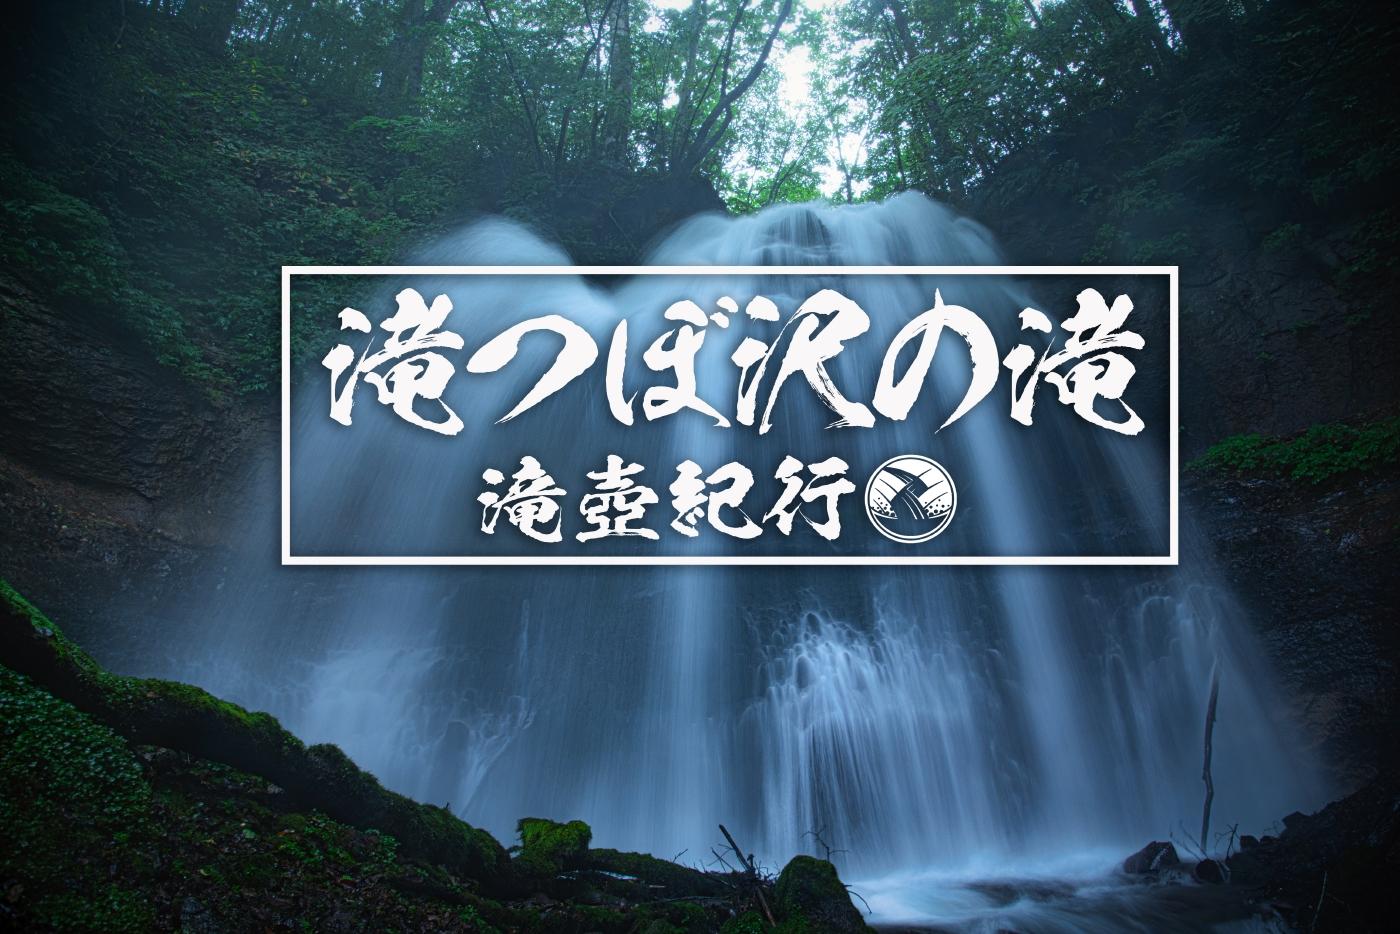 滝つぼ沢の滝 ~青森・十和田市~